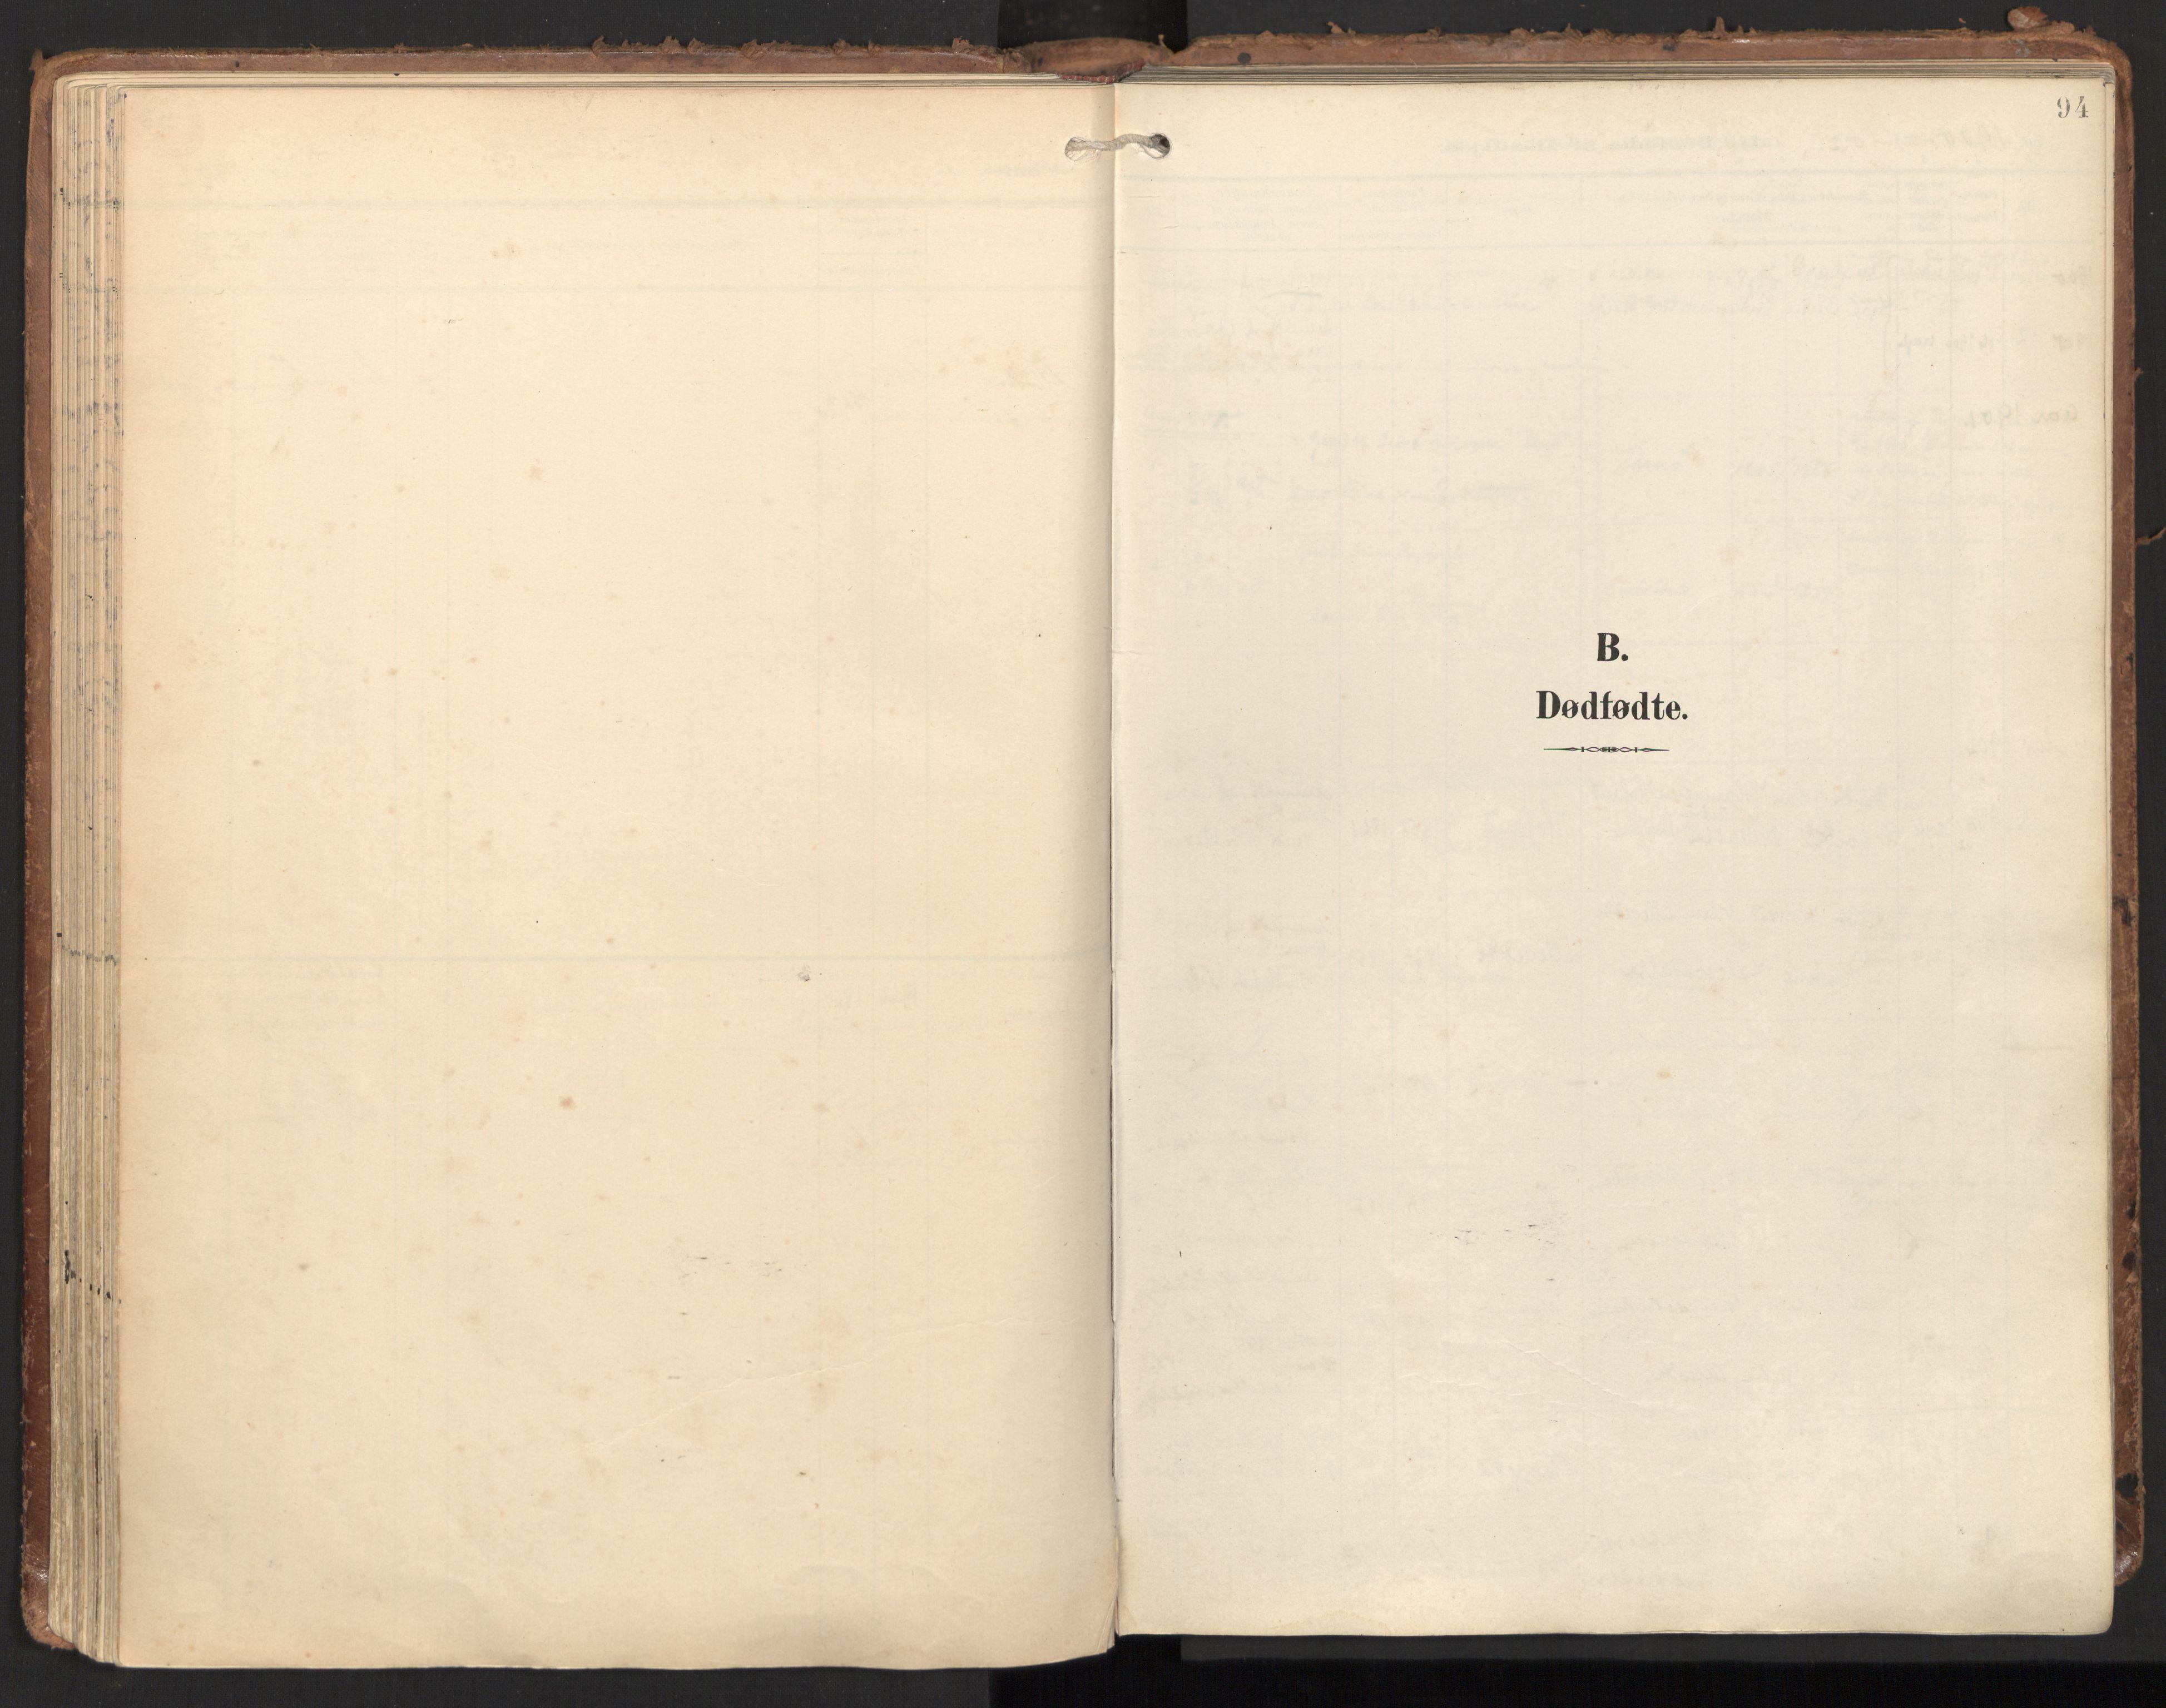 SAT, Ministerialprotokoller, klokkerbøker og fødselsregistre - Nord-Trøndelag, 784/L0677: Ministerialbok nr. 784A12, 1900-1920, s. 94